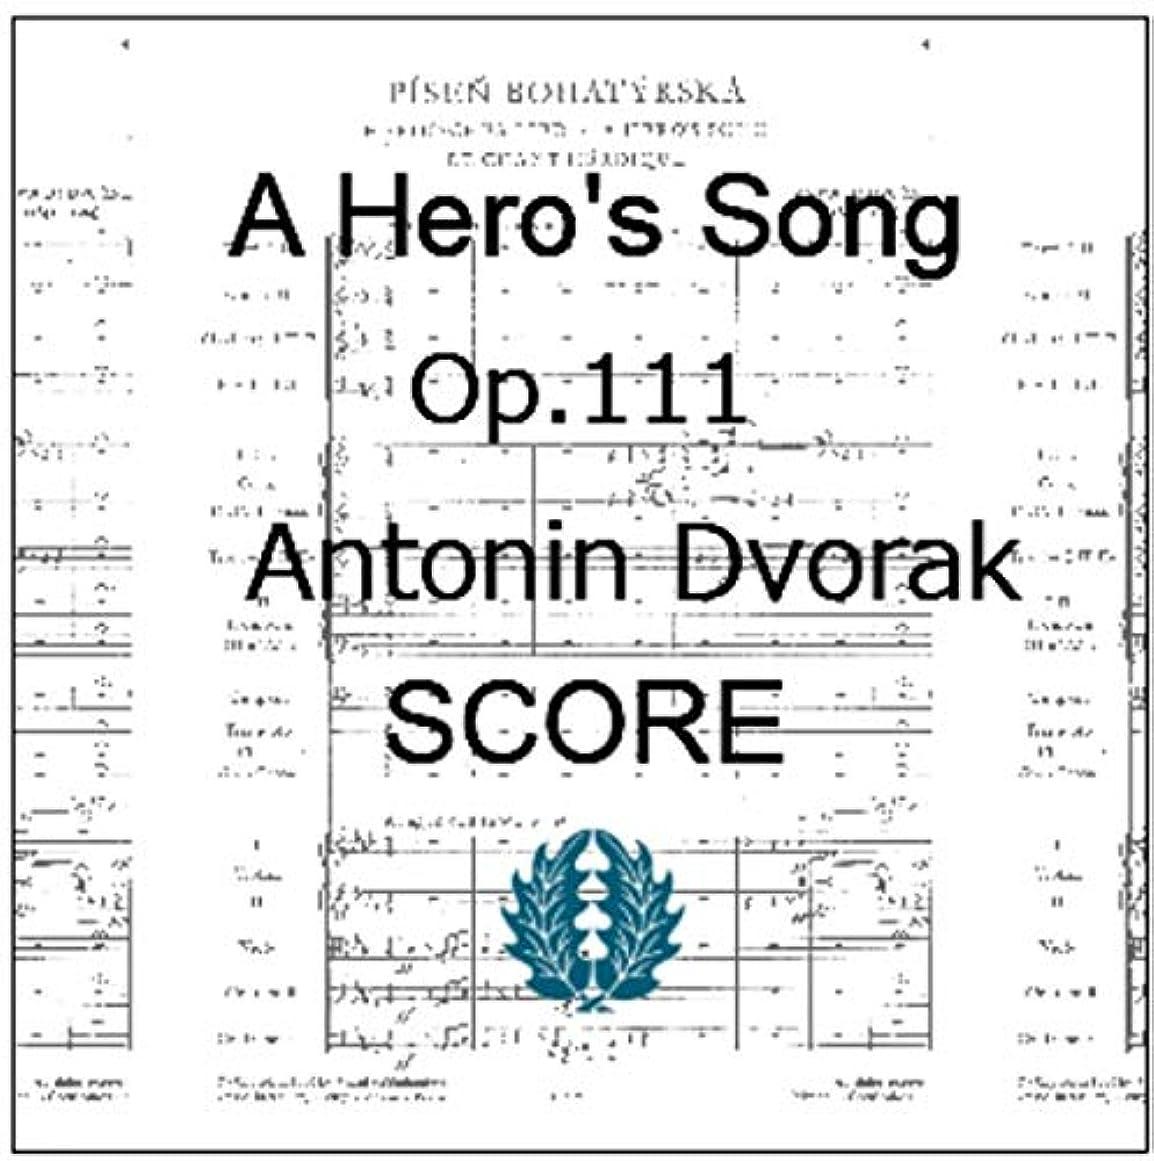 本当のことを言うと秘書病院楽譜 pdf オーケストラ スコア ドヴォルザーク 交響詩 英雄の歌